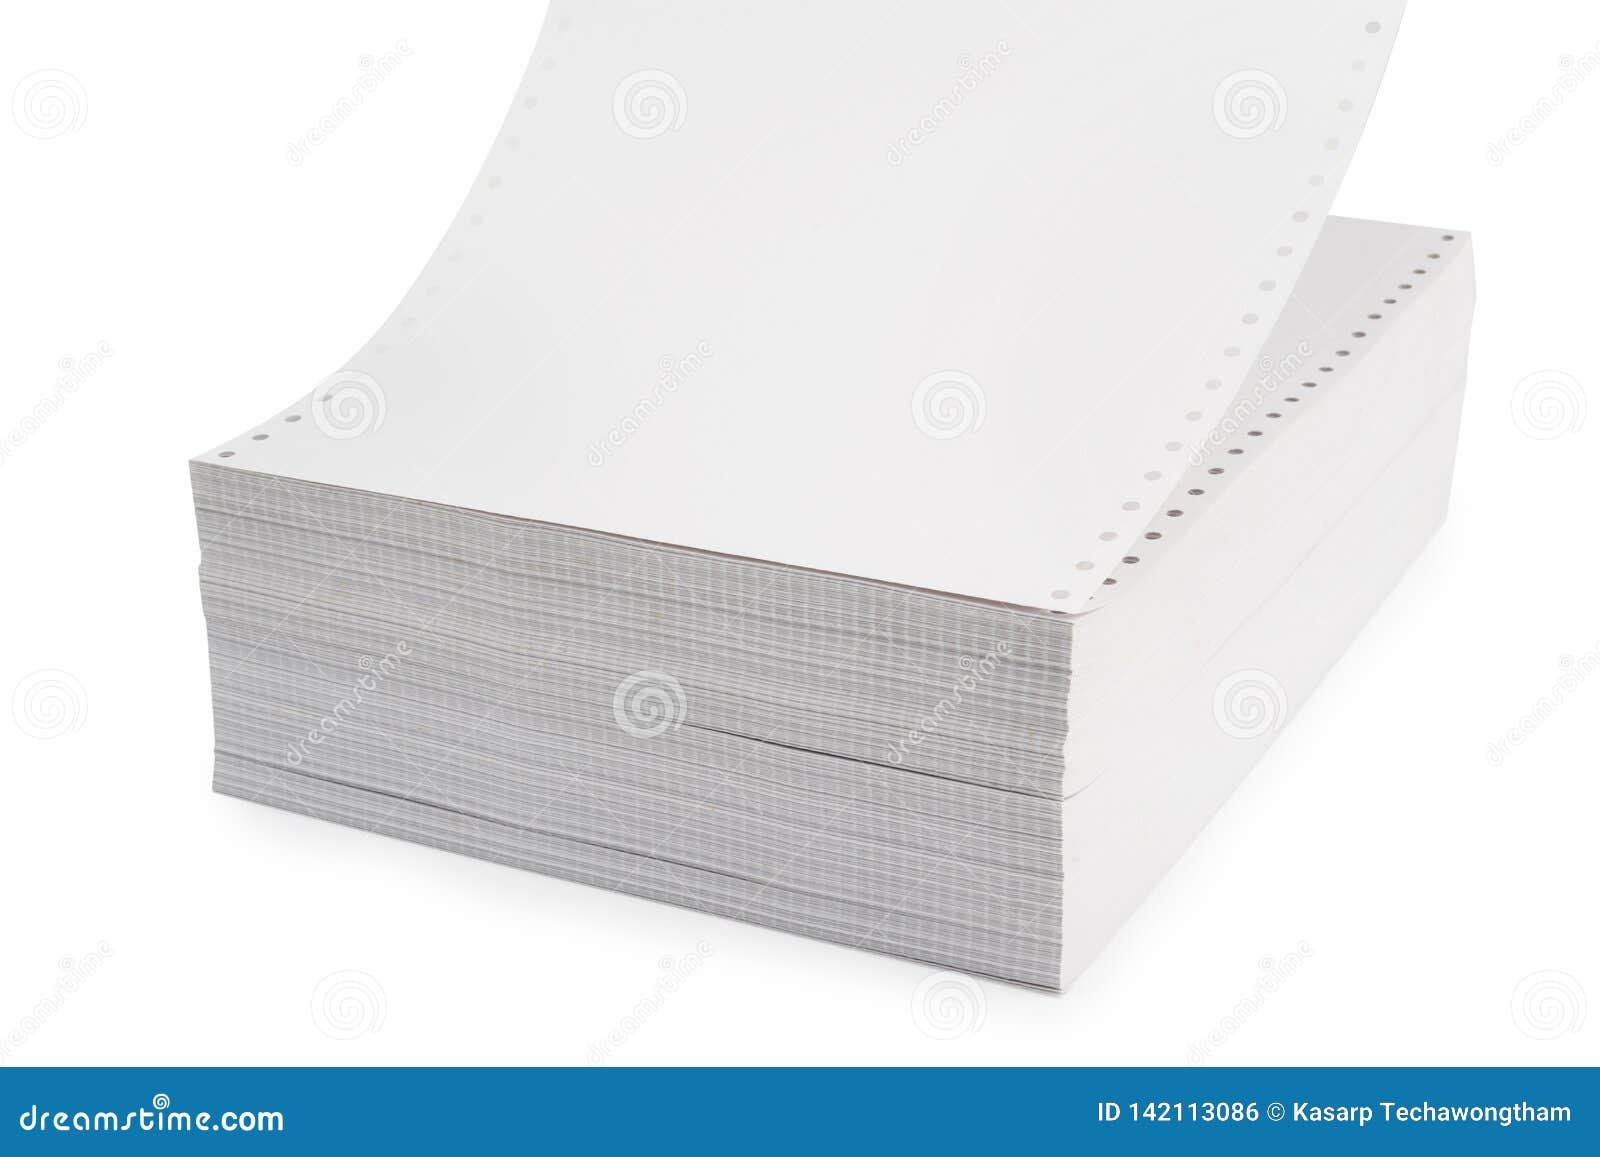 Carta bianca dell Trattore-alimentazione o carta a modulo continuo, carta continua della stampante dell alimentazione di trattore